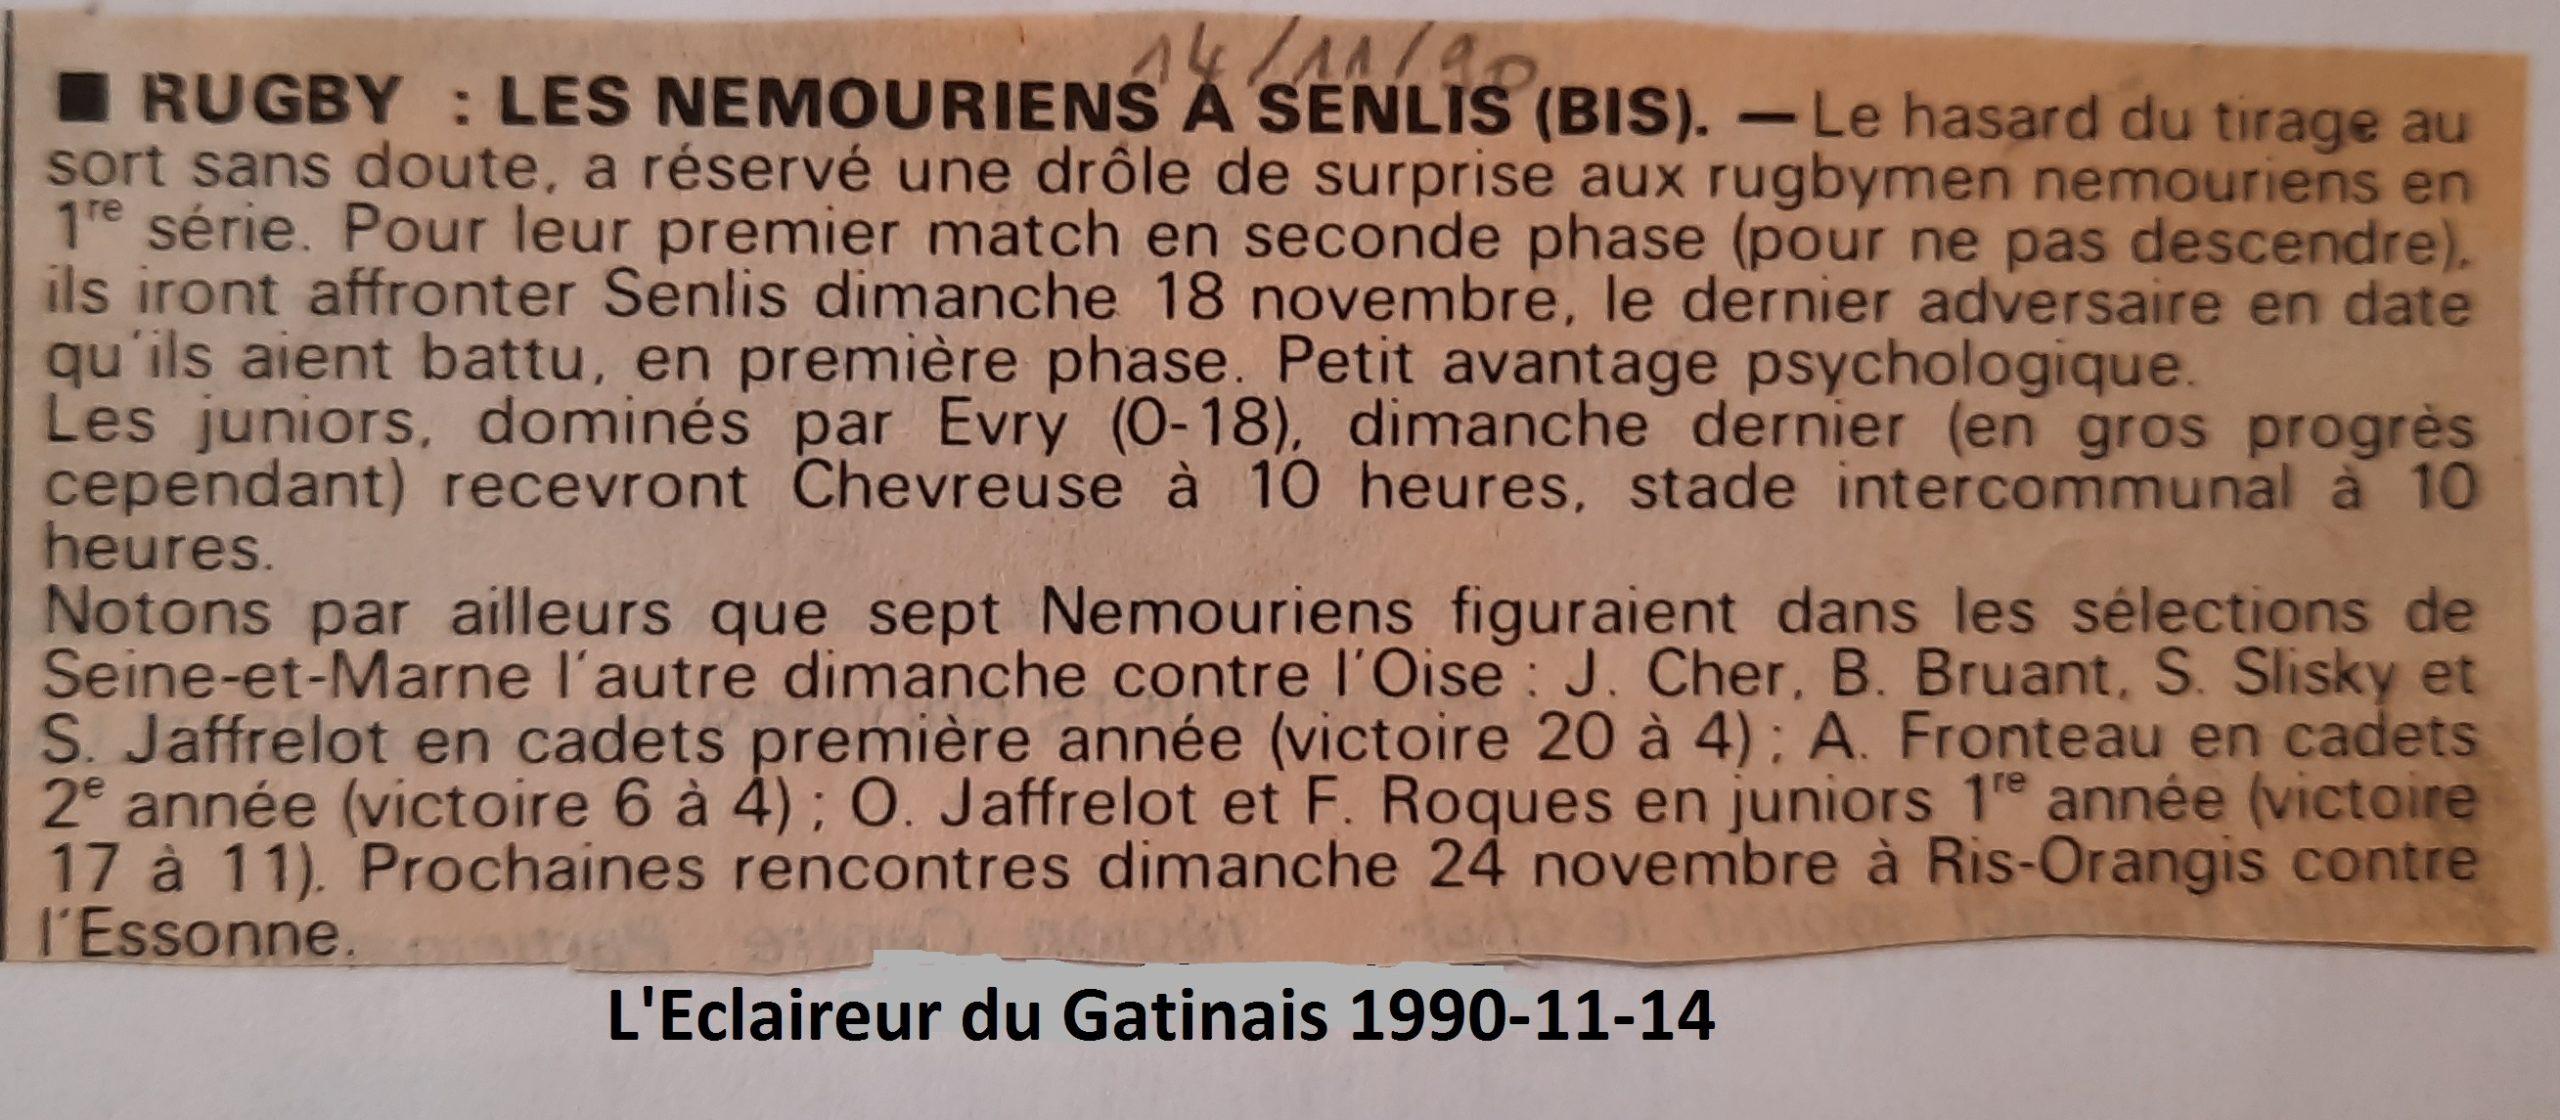 Eclaireur du Gâtinais 1990-11-14